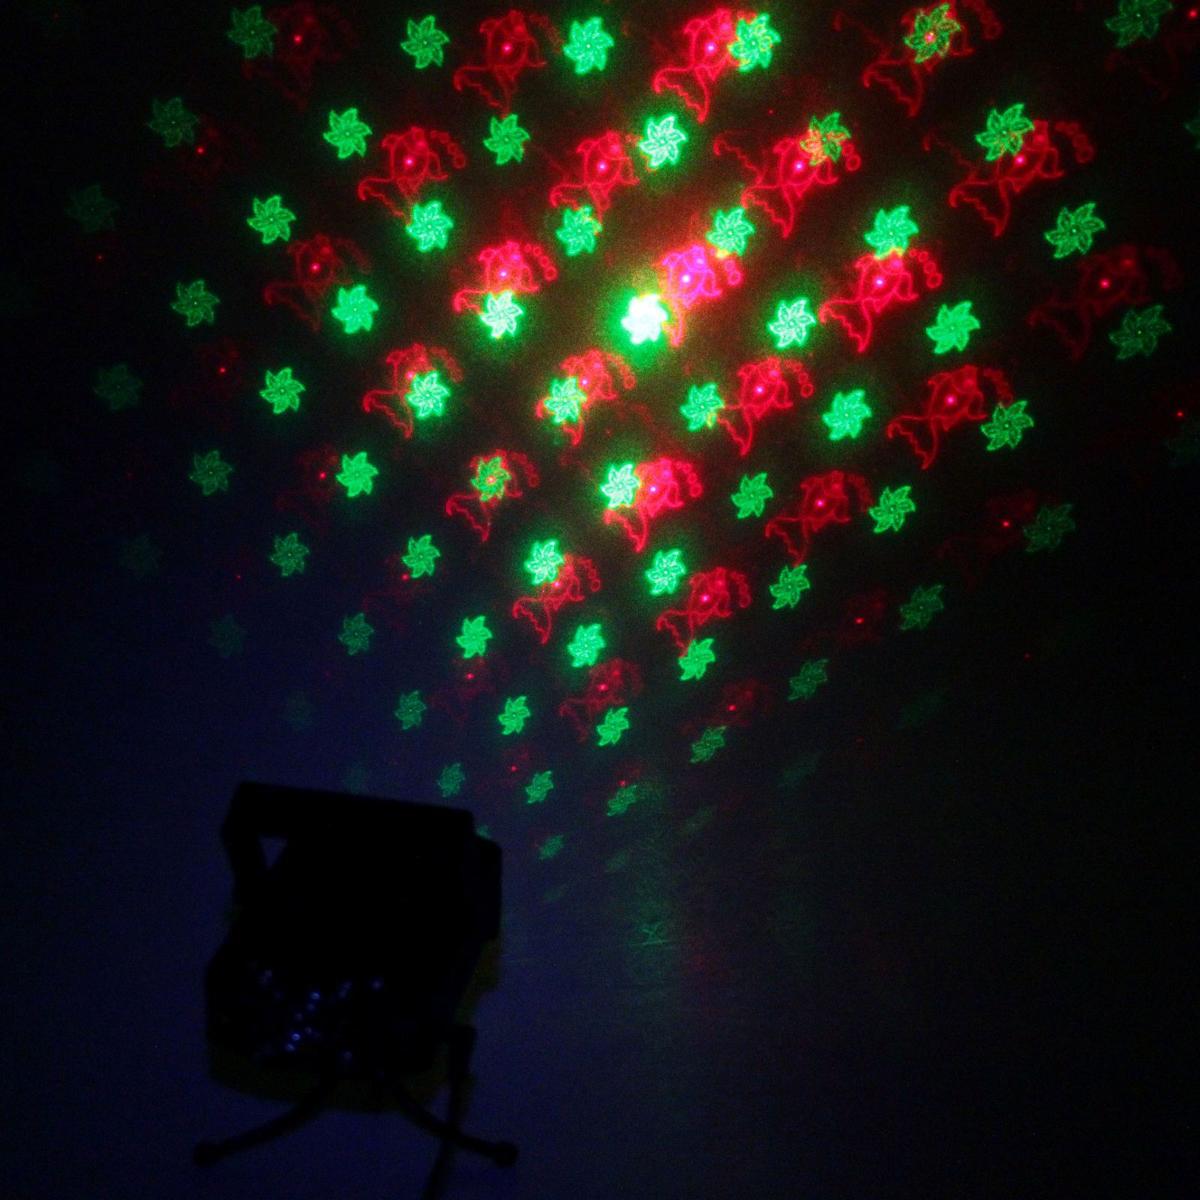 Световой прибор Sima-land, 24 картинки, корпус металл, AW-24A, 220V867691Светодиодные гирлянды, ленты и т.д — это отличный вариант для новогоднего оформления интерьера или фасада. С их помощью помещение любого размера можно превратить в праздничный зал, а внешние элементы зданий, украшенные ими, мгновенно станут напоминать очертания сказочного дворца. Такие украшения создают ауру предвкушения чуда. Деревья, фасады, витрины, окна и арки будто специально созданы, чтобы вы украсили их светящимися нитями.